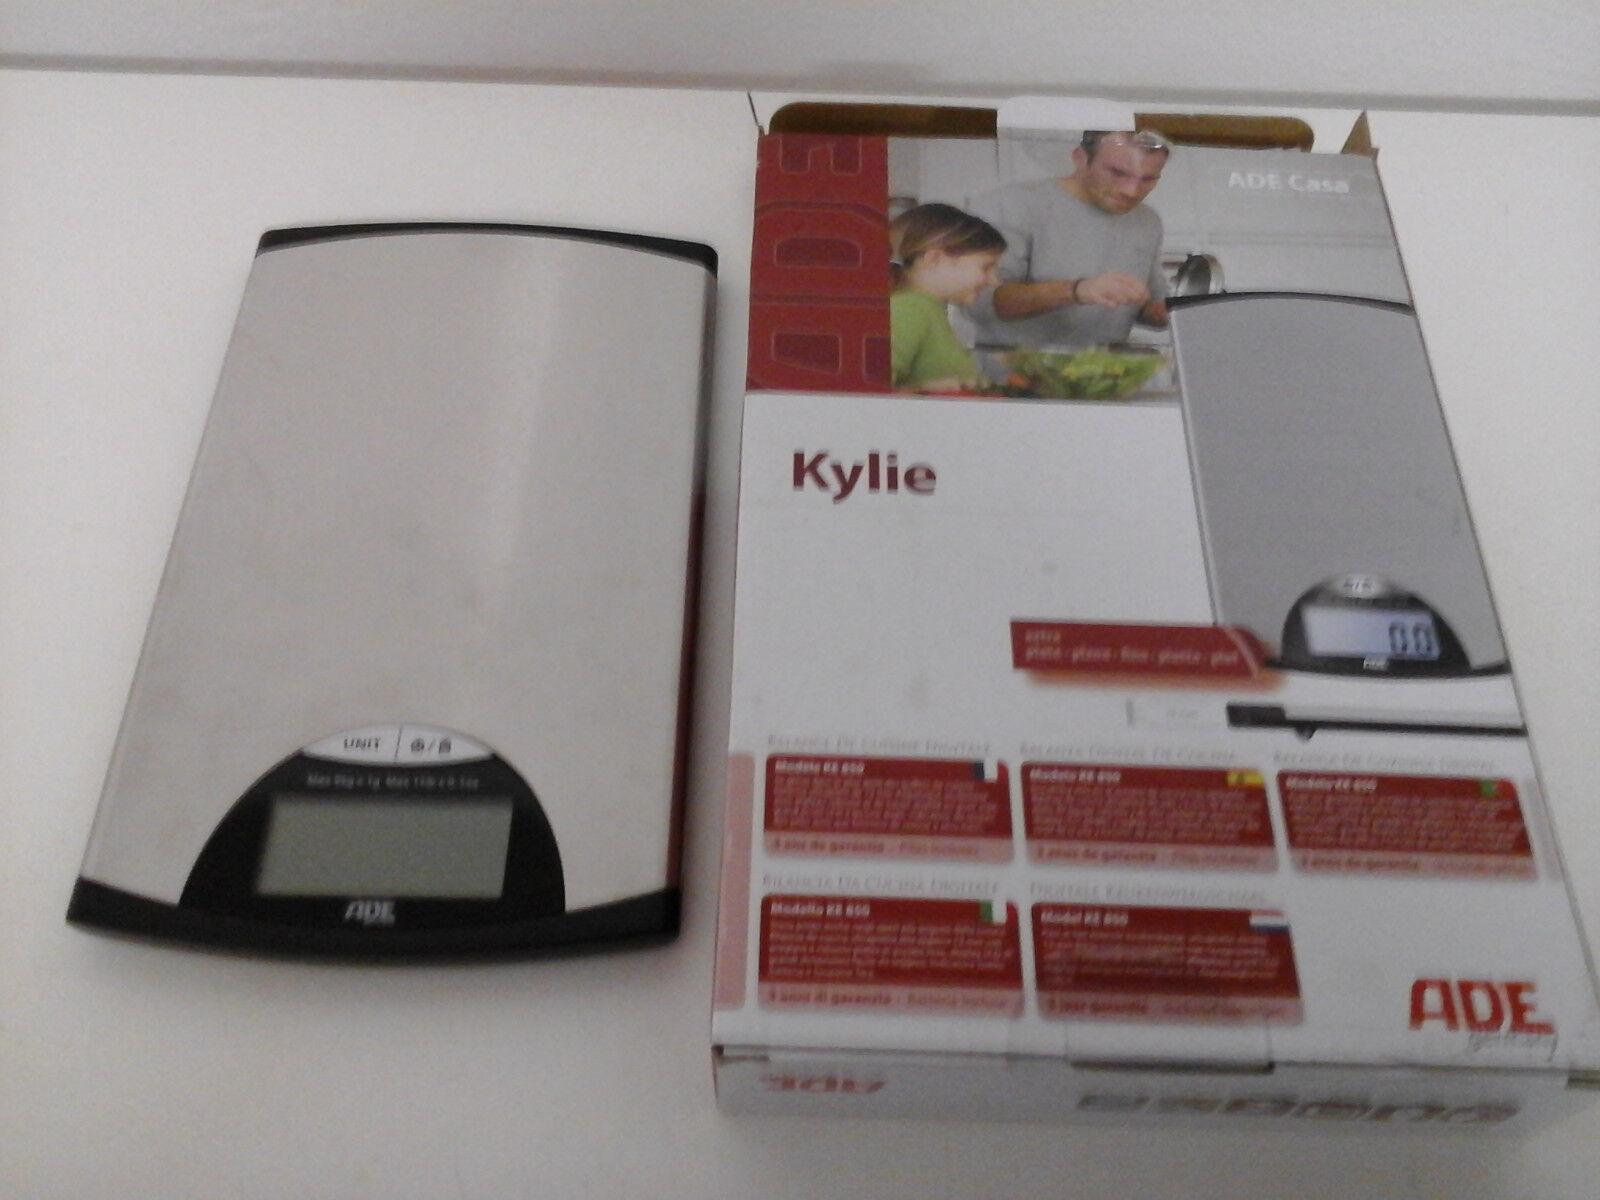 ADE Küchenwaage Kylie